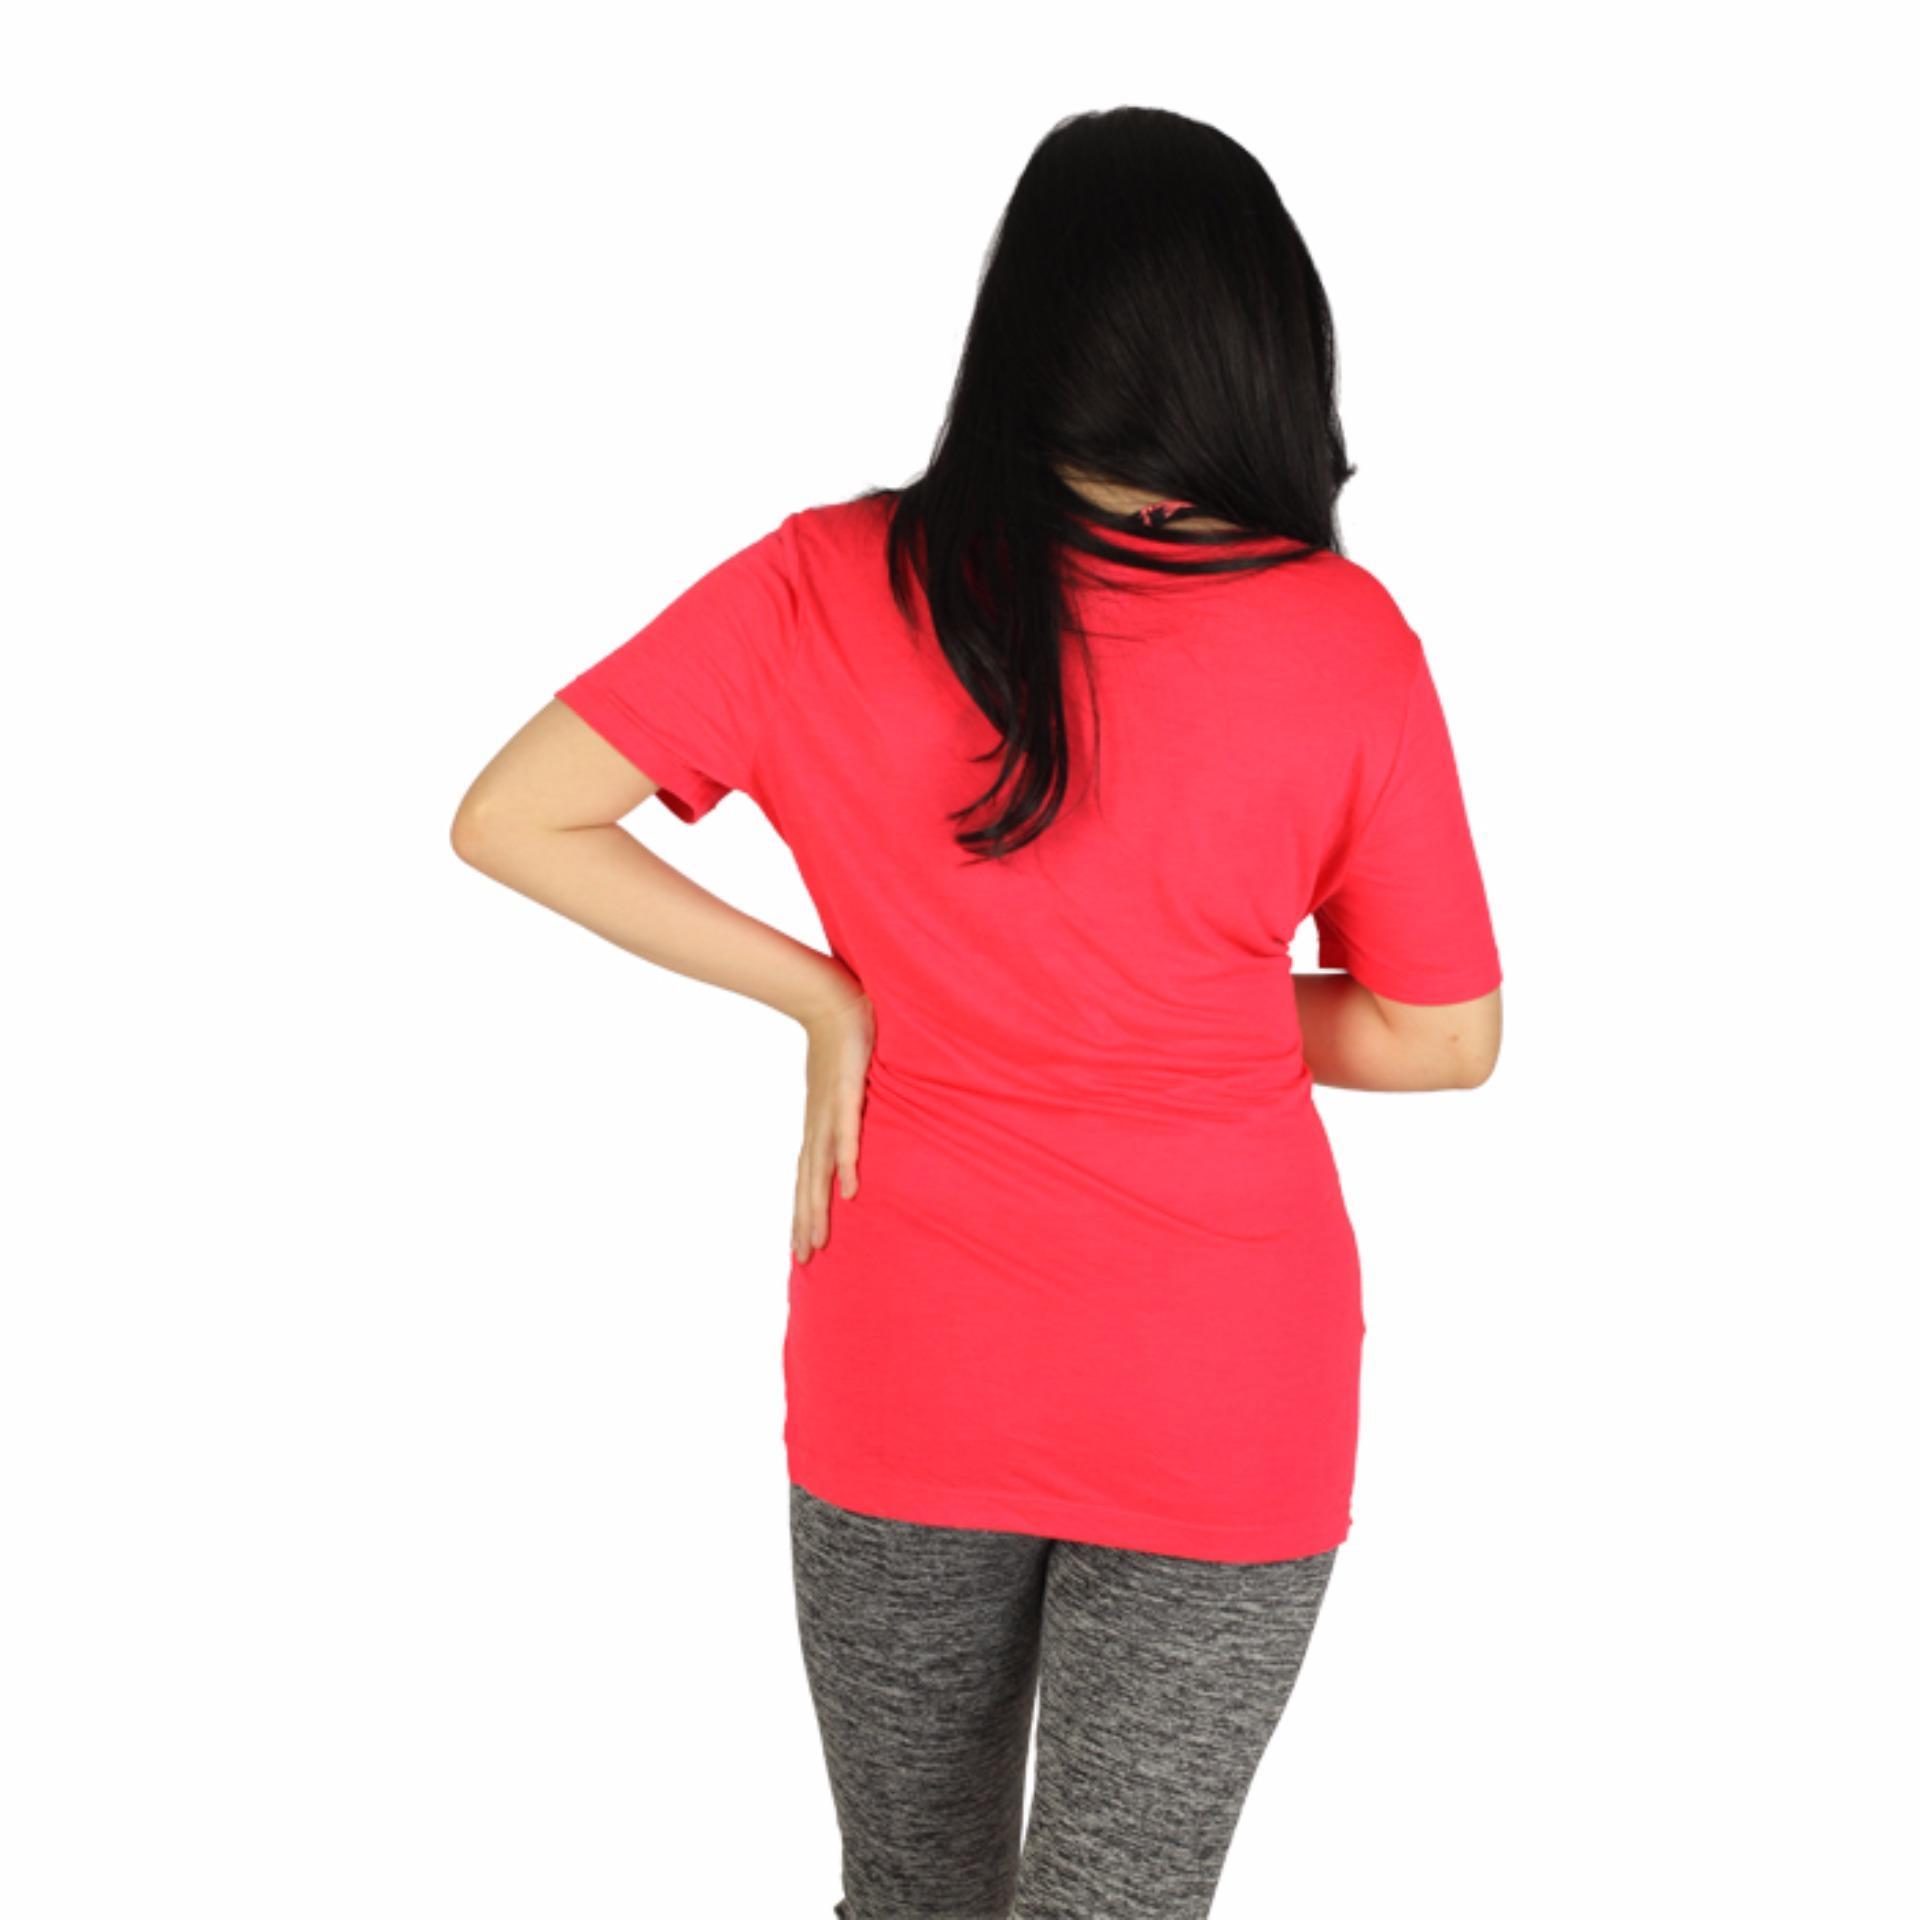 Sporty Kira Sports Tanktop Baju Atasan Senam Wanita   Tanktop Baju Olahraga  Wanita Untuk Joging Yoga. Source · Baju Olahraga V-Neck Wanita  9196ba3717